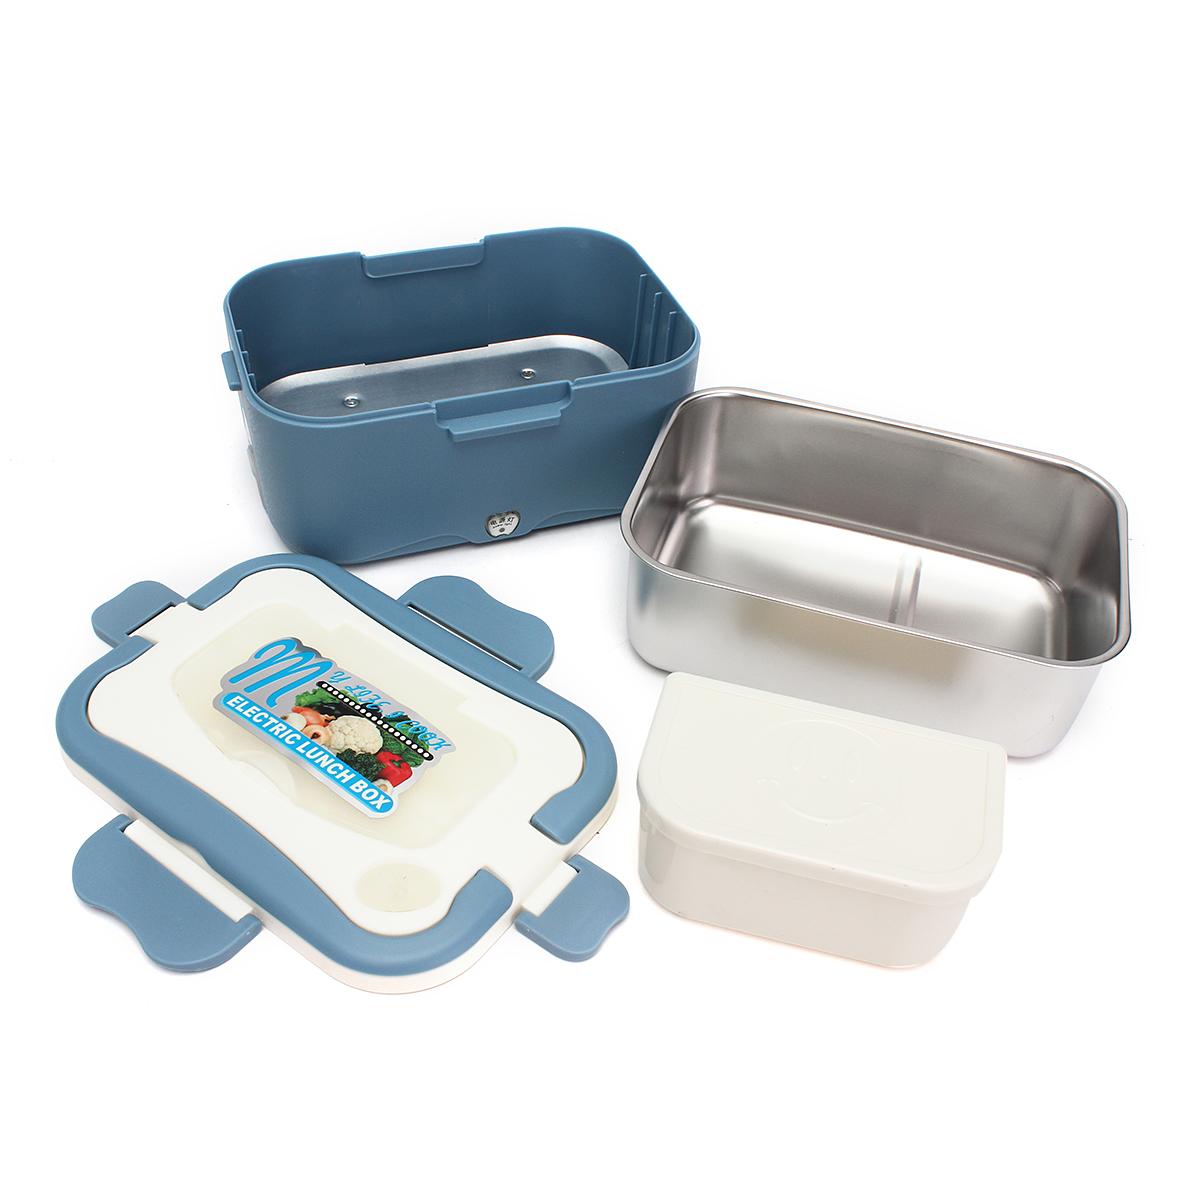 bo te repas d jeuner voiture chauffante herm tique lectrique lunch box cars bleu 12v. Black Bedroom Furniture Sets. Home Design Ideas